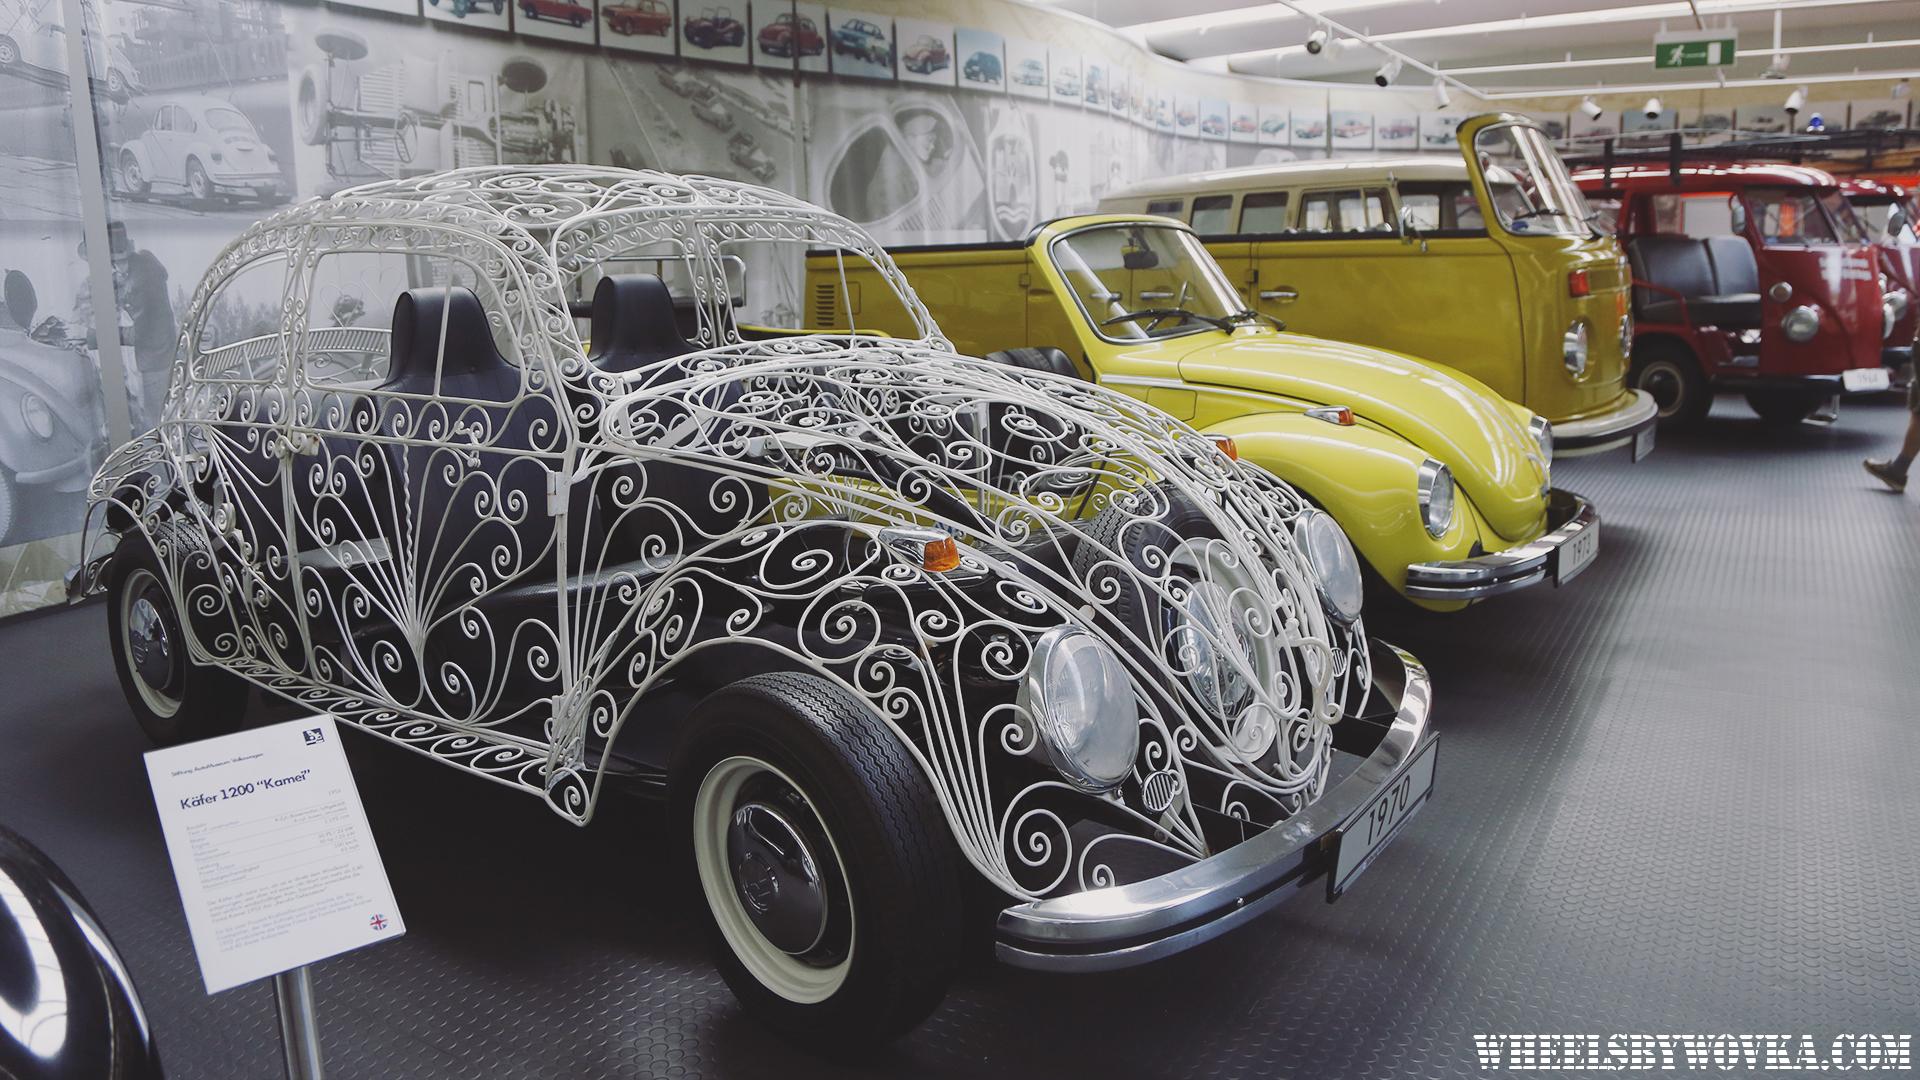 volkswagen-vw-museum-wolfsbourg-tour-by-wheelsbywovka-14